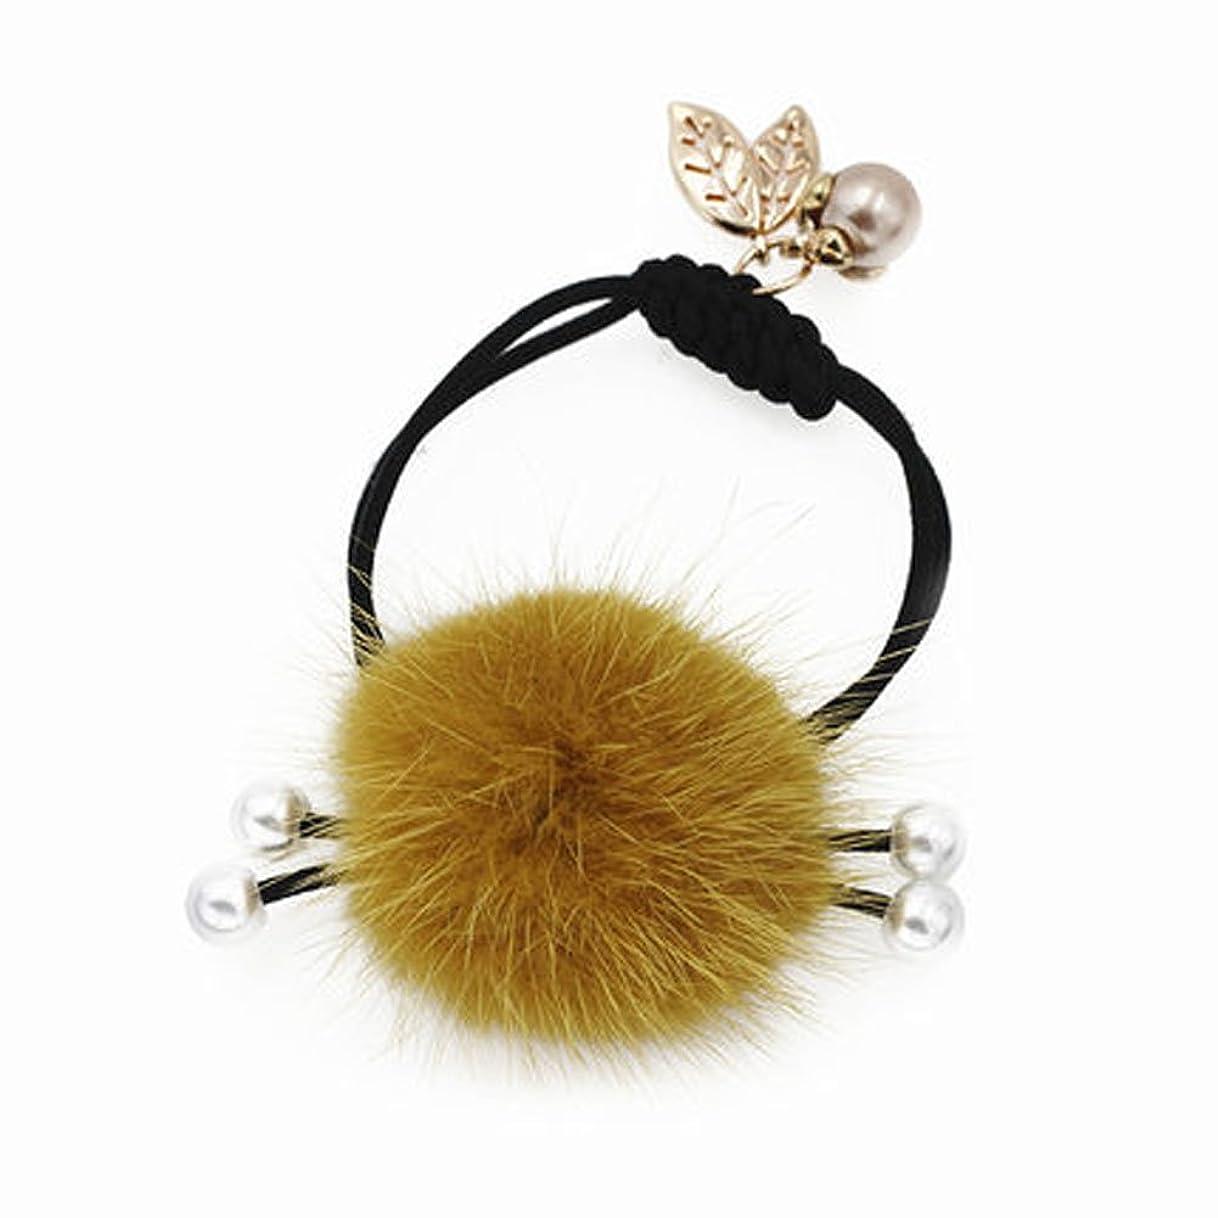 行く慈善遺跡冬ラブリーふわふわのボールヘア結束ヘアバンドラバーヘアアクセサリー - イエロー